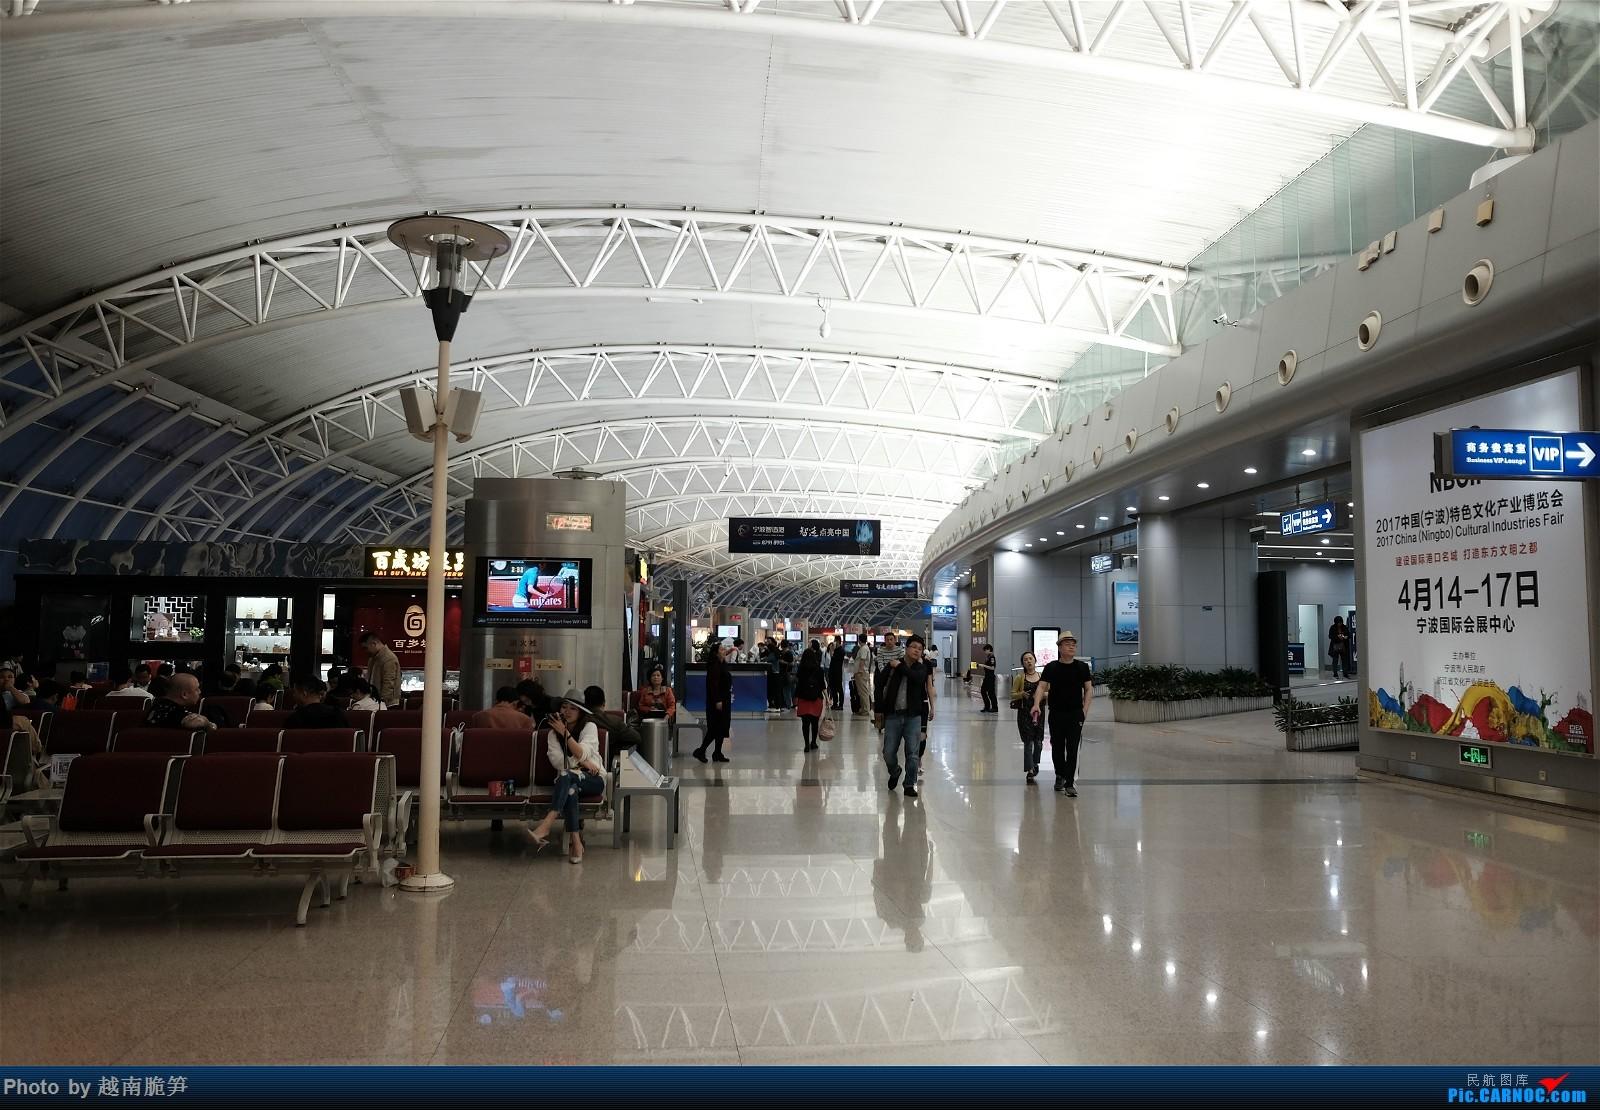 [原创]宁波——贵阳往返,南航执飞    中国宁波栎社国际机场